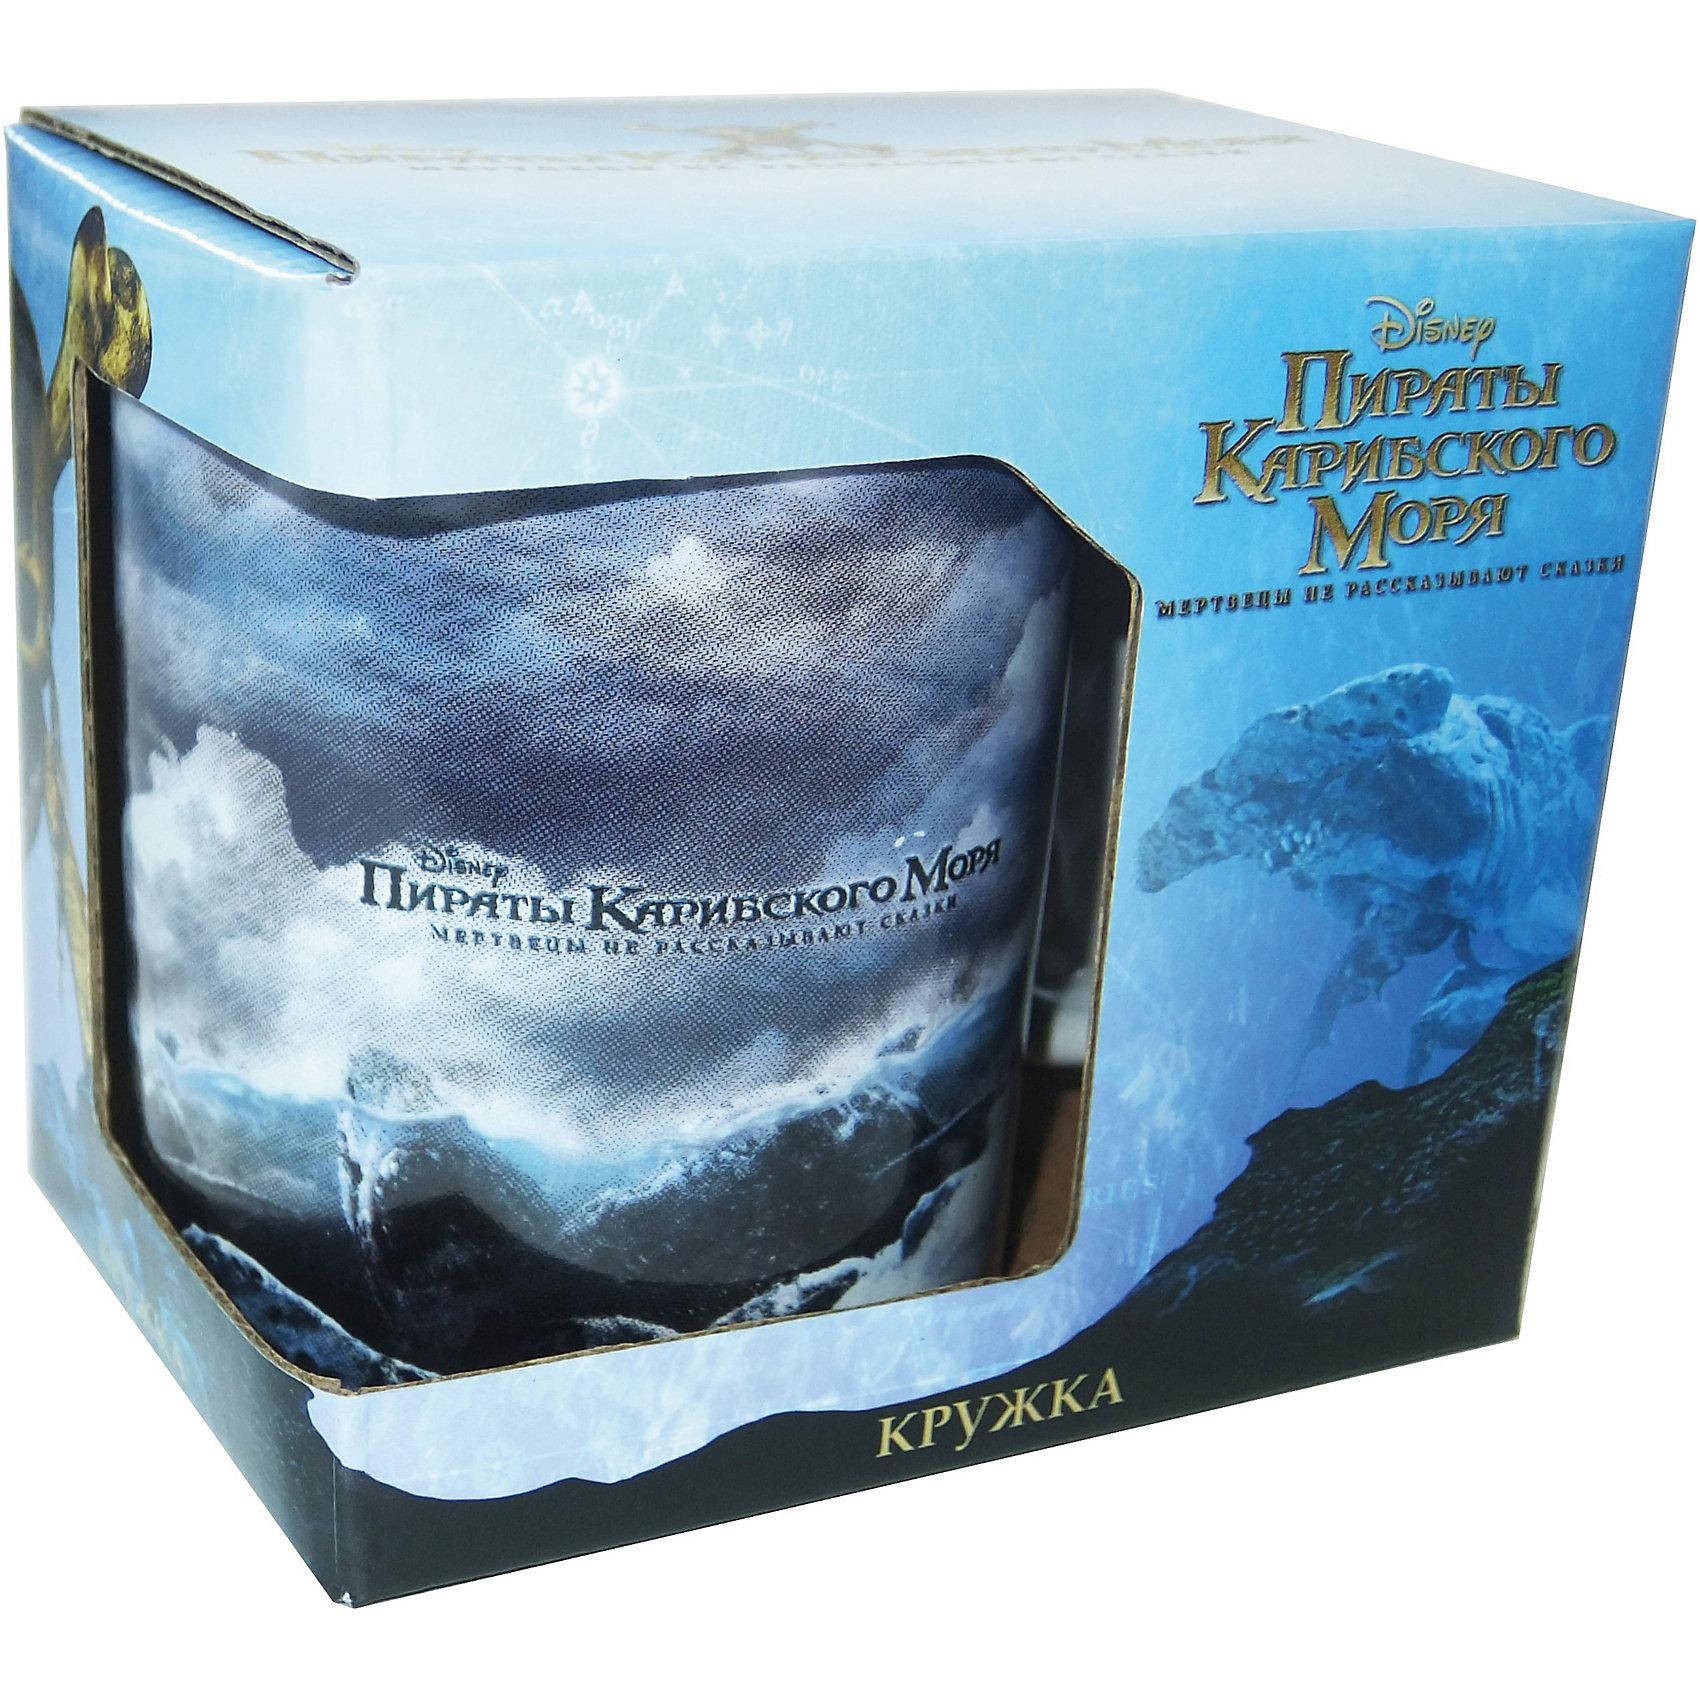 Кружка  Пираты Карибского Моря. Морской разбойник в подарочной упаковке, 500 мл., DisneyДетская посуда<br>Характеристики:<br><br>• Материал: керамика<br>• Тематика рисунка: Пираты Карибского моря<br>• Можно использовать для горячих и холодных напитков<br>• Объем: 500 мл<br>• Вес: 530 г <br>• Упаковка: подарочная картонная коробка<br>• Размеры (Д*Ш*В): 12*8,2*9,5 см<br>• Особенности ухода: можно мыть в посудомоечной машине<br><br>Кружка Пираты Карибского моря. Морской разбойник в подарочной упаковке, 500 мл., Disney выполнена в стильном дизайне: на белый корпус нанесено изображение капитана Джека Воробья на фоне морской бури. Изображение устойчиво к появлению царапин, не выцветает при частом мытье.<br><br>Кружку Пираты Карибского моря. Морской разбойник в подарочной упаковке, 500 мл., Disney можно купить в нашем интернет-магазине.<br><br>Ширина мм: 120<br>Глубина мм: 82<br>Высота мм: 95<br>Вес г: 530<br>Возраст от месяцев: 36<br>Возраст до месяцев: 1188<br>Пол: Унисекс<br>Возраст: Детский<br>SKU: 6849952